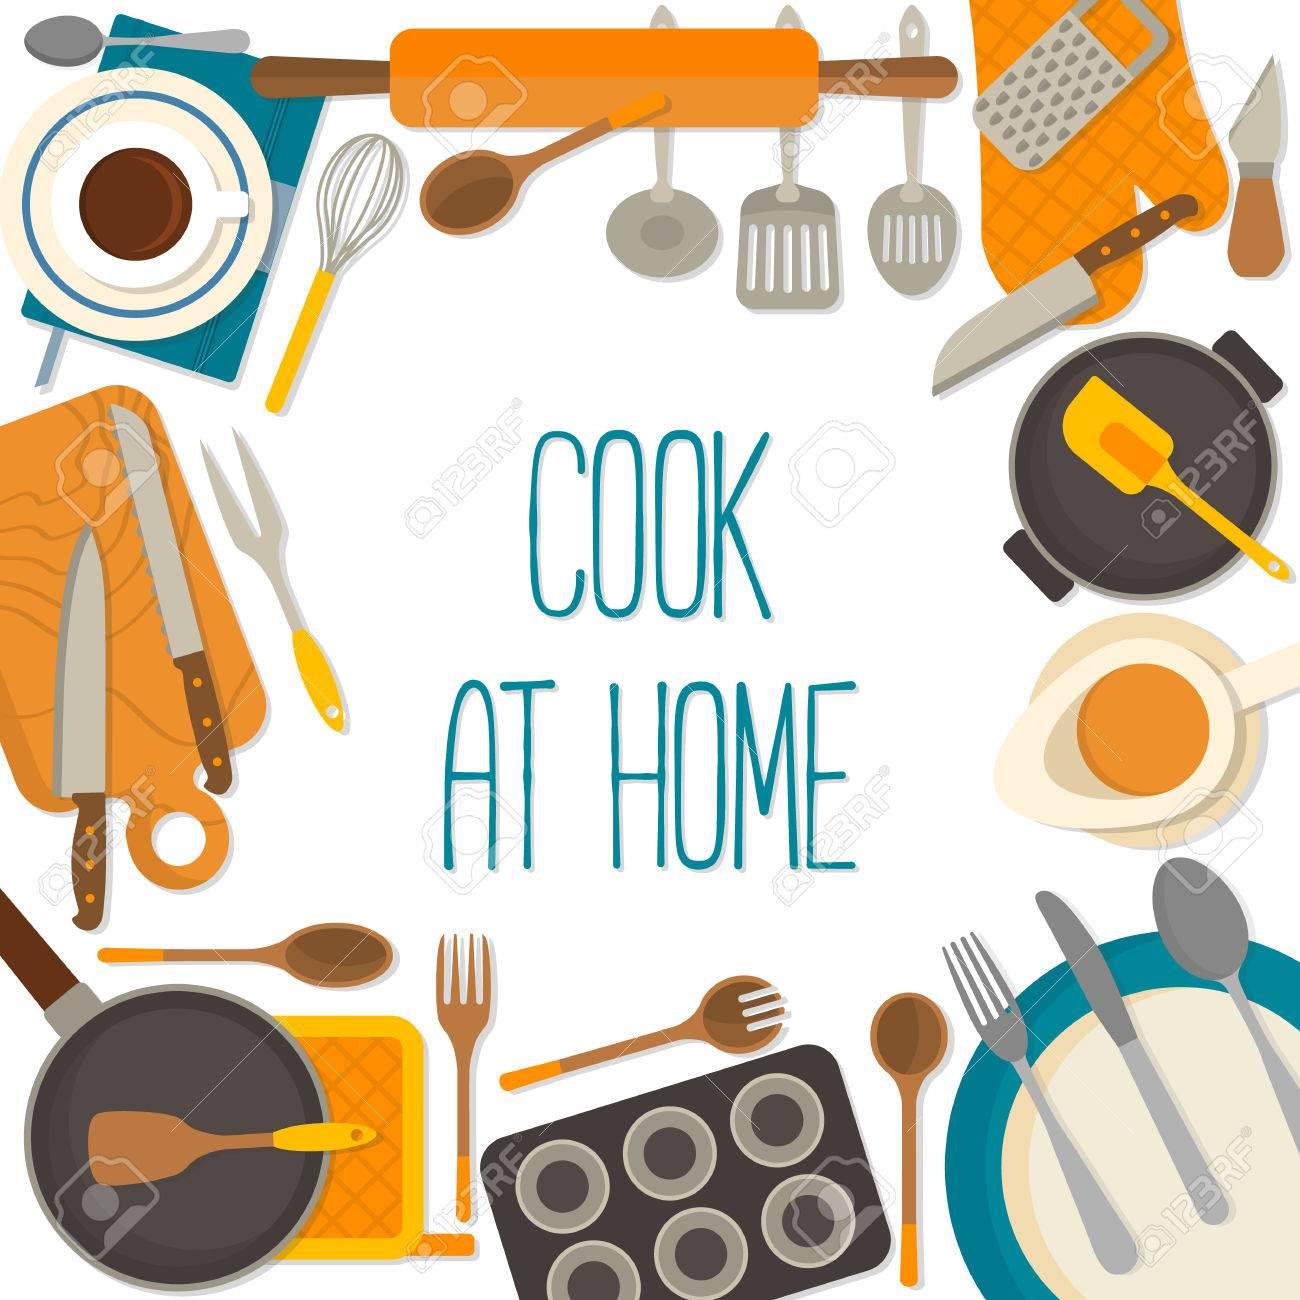 Marco de diseño plano de los utensilios de cocina aisladas sobre fondo  blanco. Ilustración del vector.